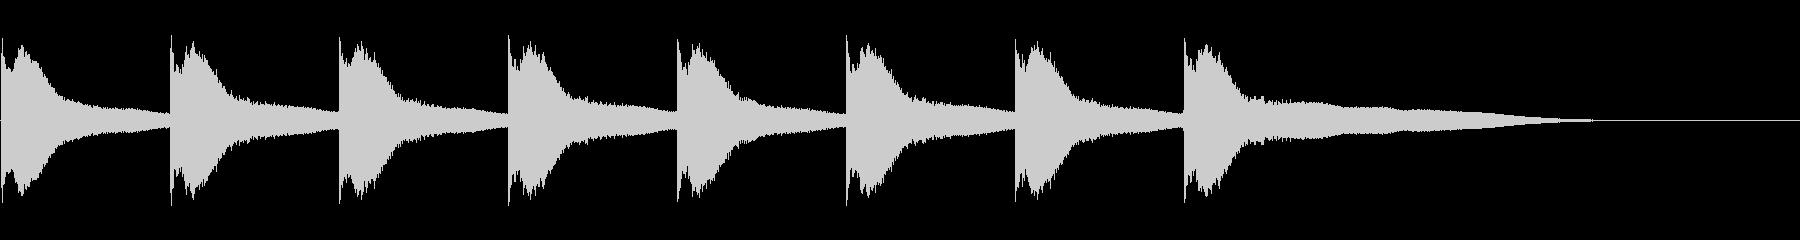 教会の鐘-12-1_revの未再生の波形